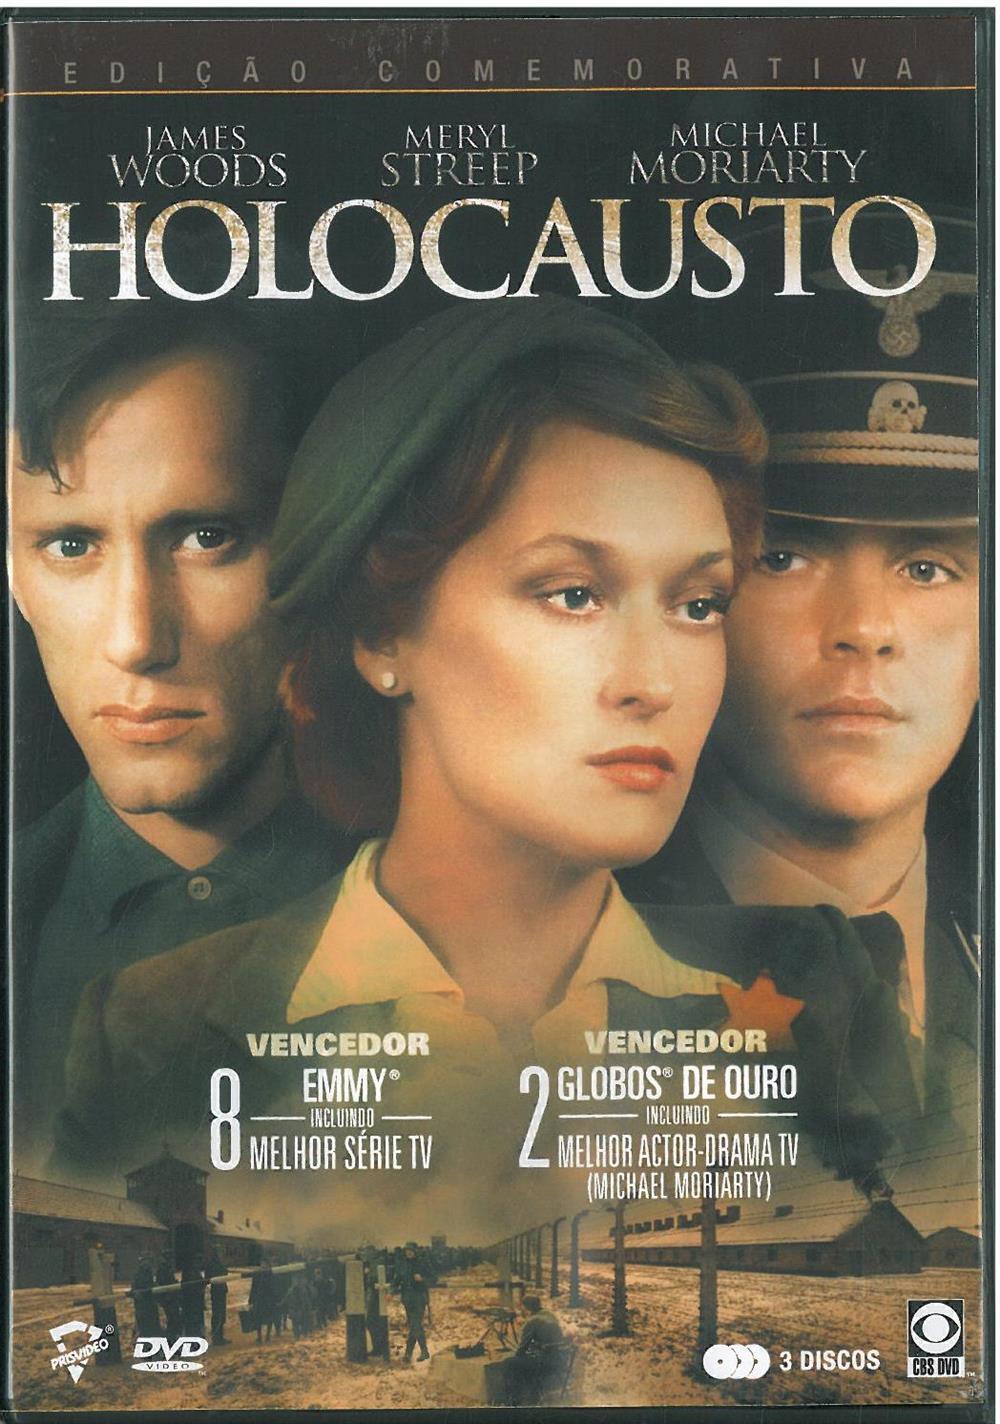 Holocausto_DVD.jpg